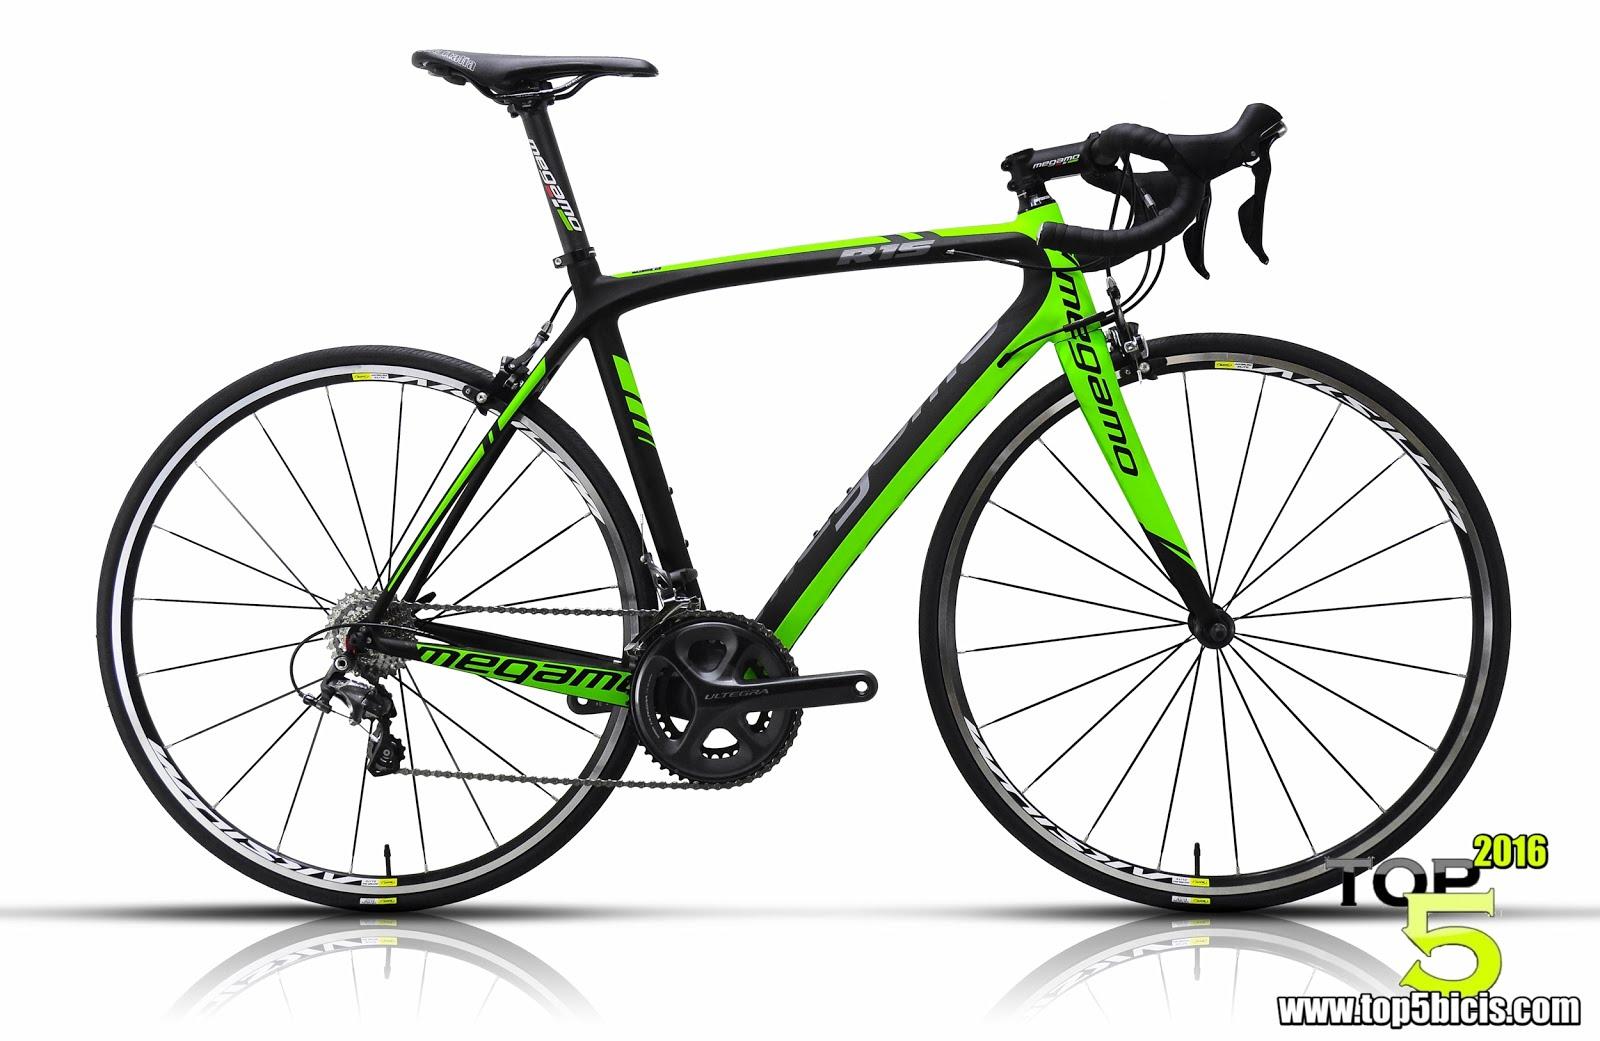 Megamo R15 Ultegra 11s Buena Bici Y A Buen Precio Top 5 Bicicletas De Carretera